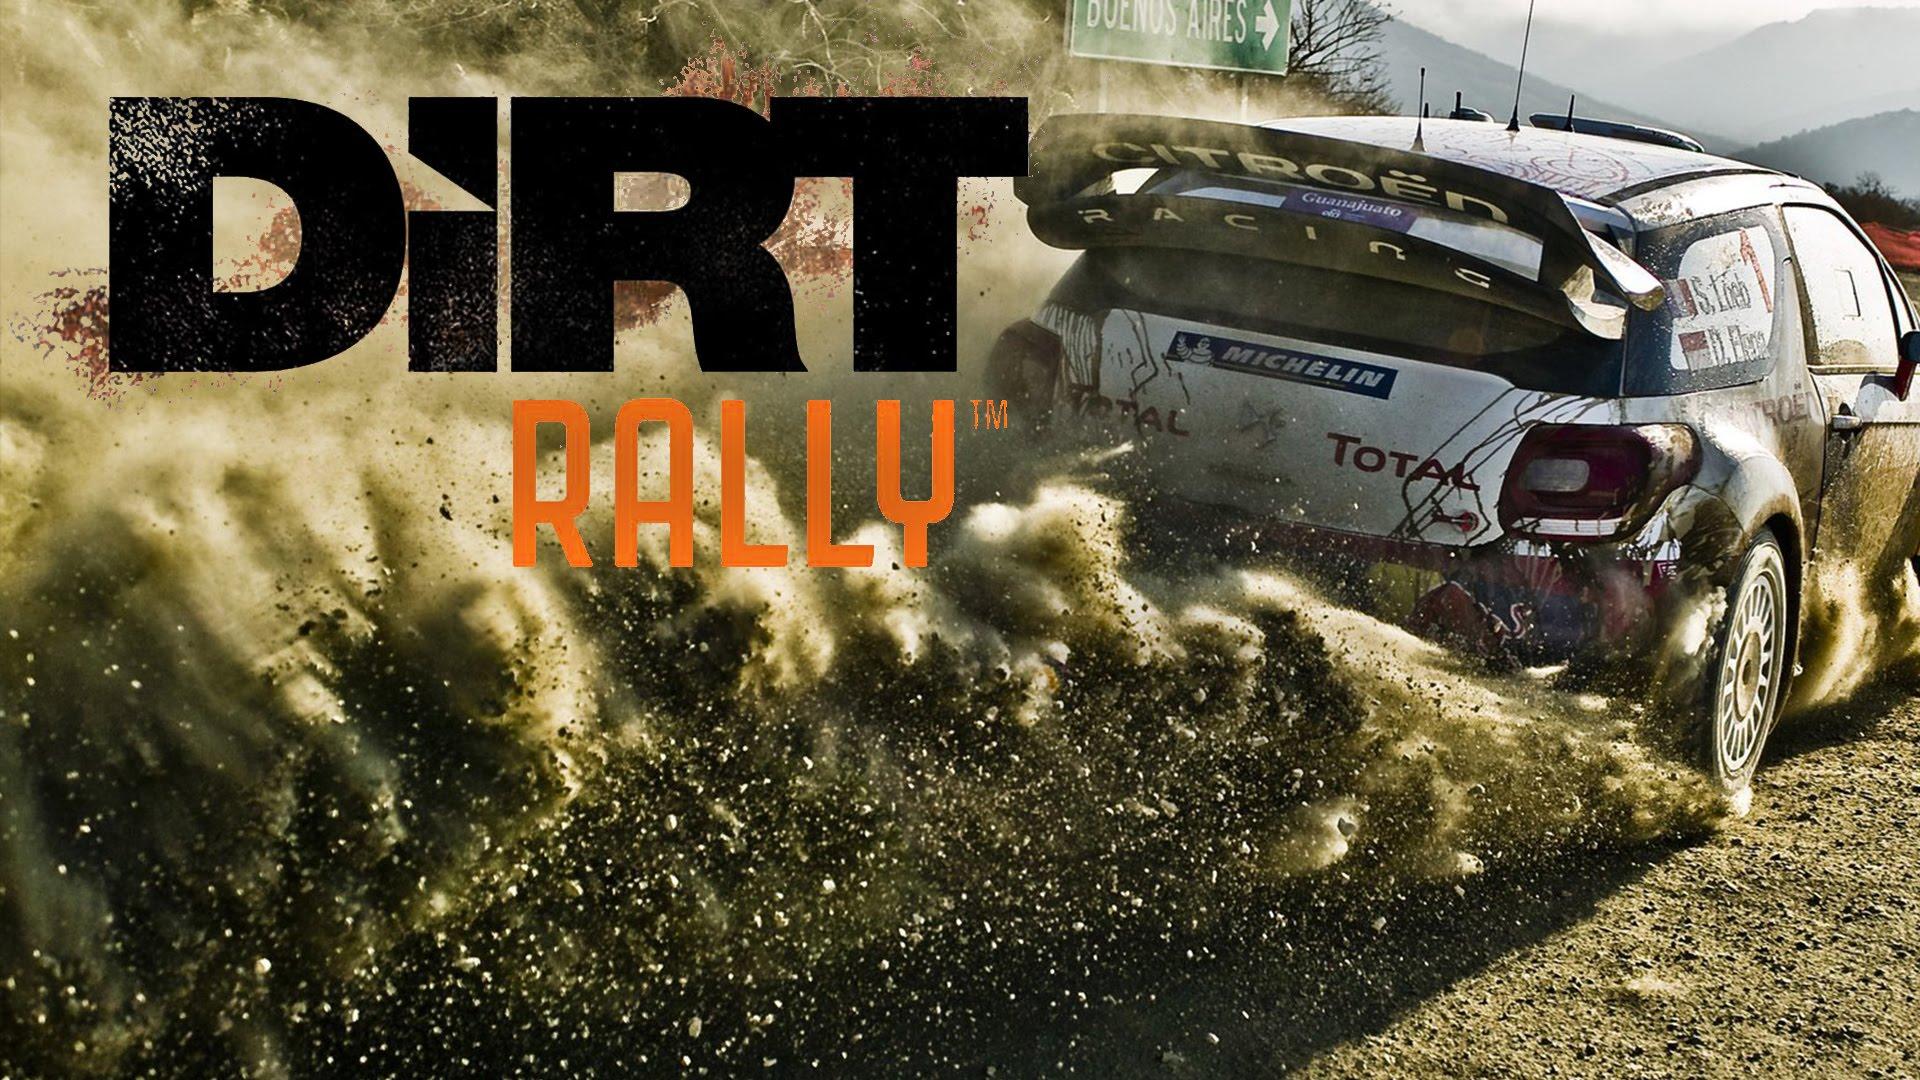 Русскоязычная DiRT Rally дебютировала на консолях - Новости Игр, даты выхода, картинки